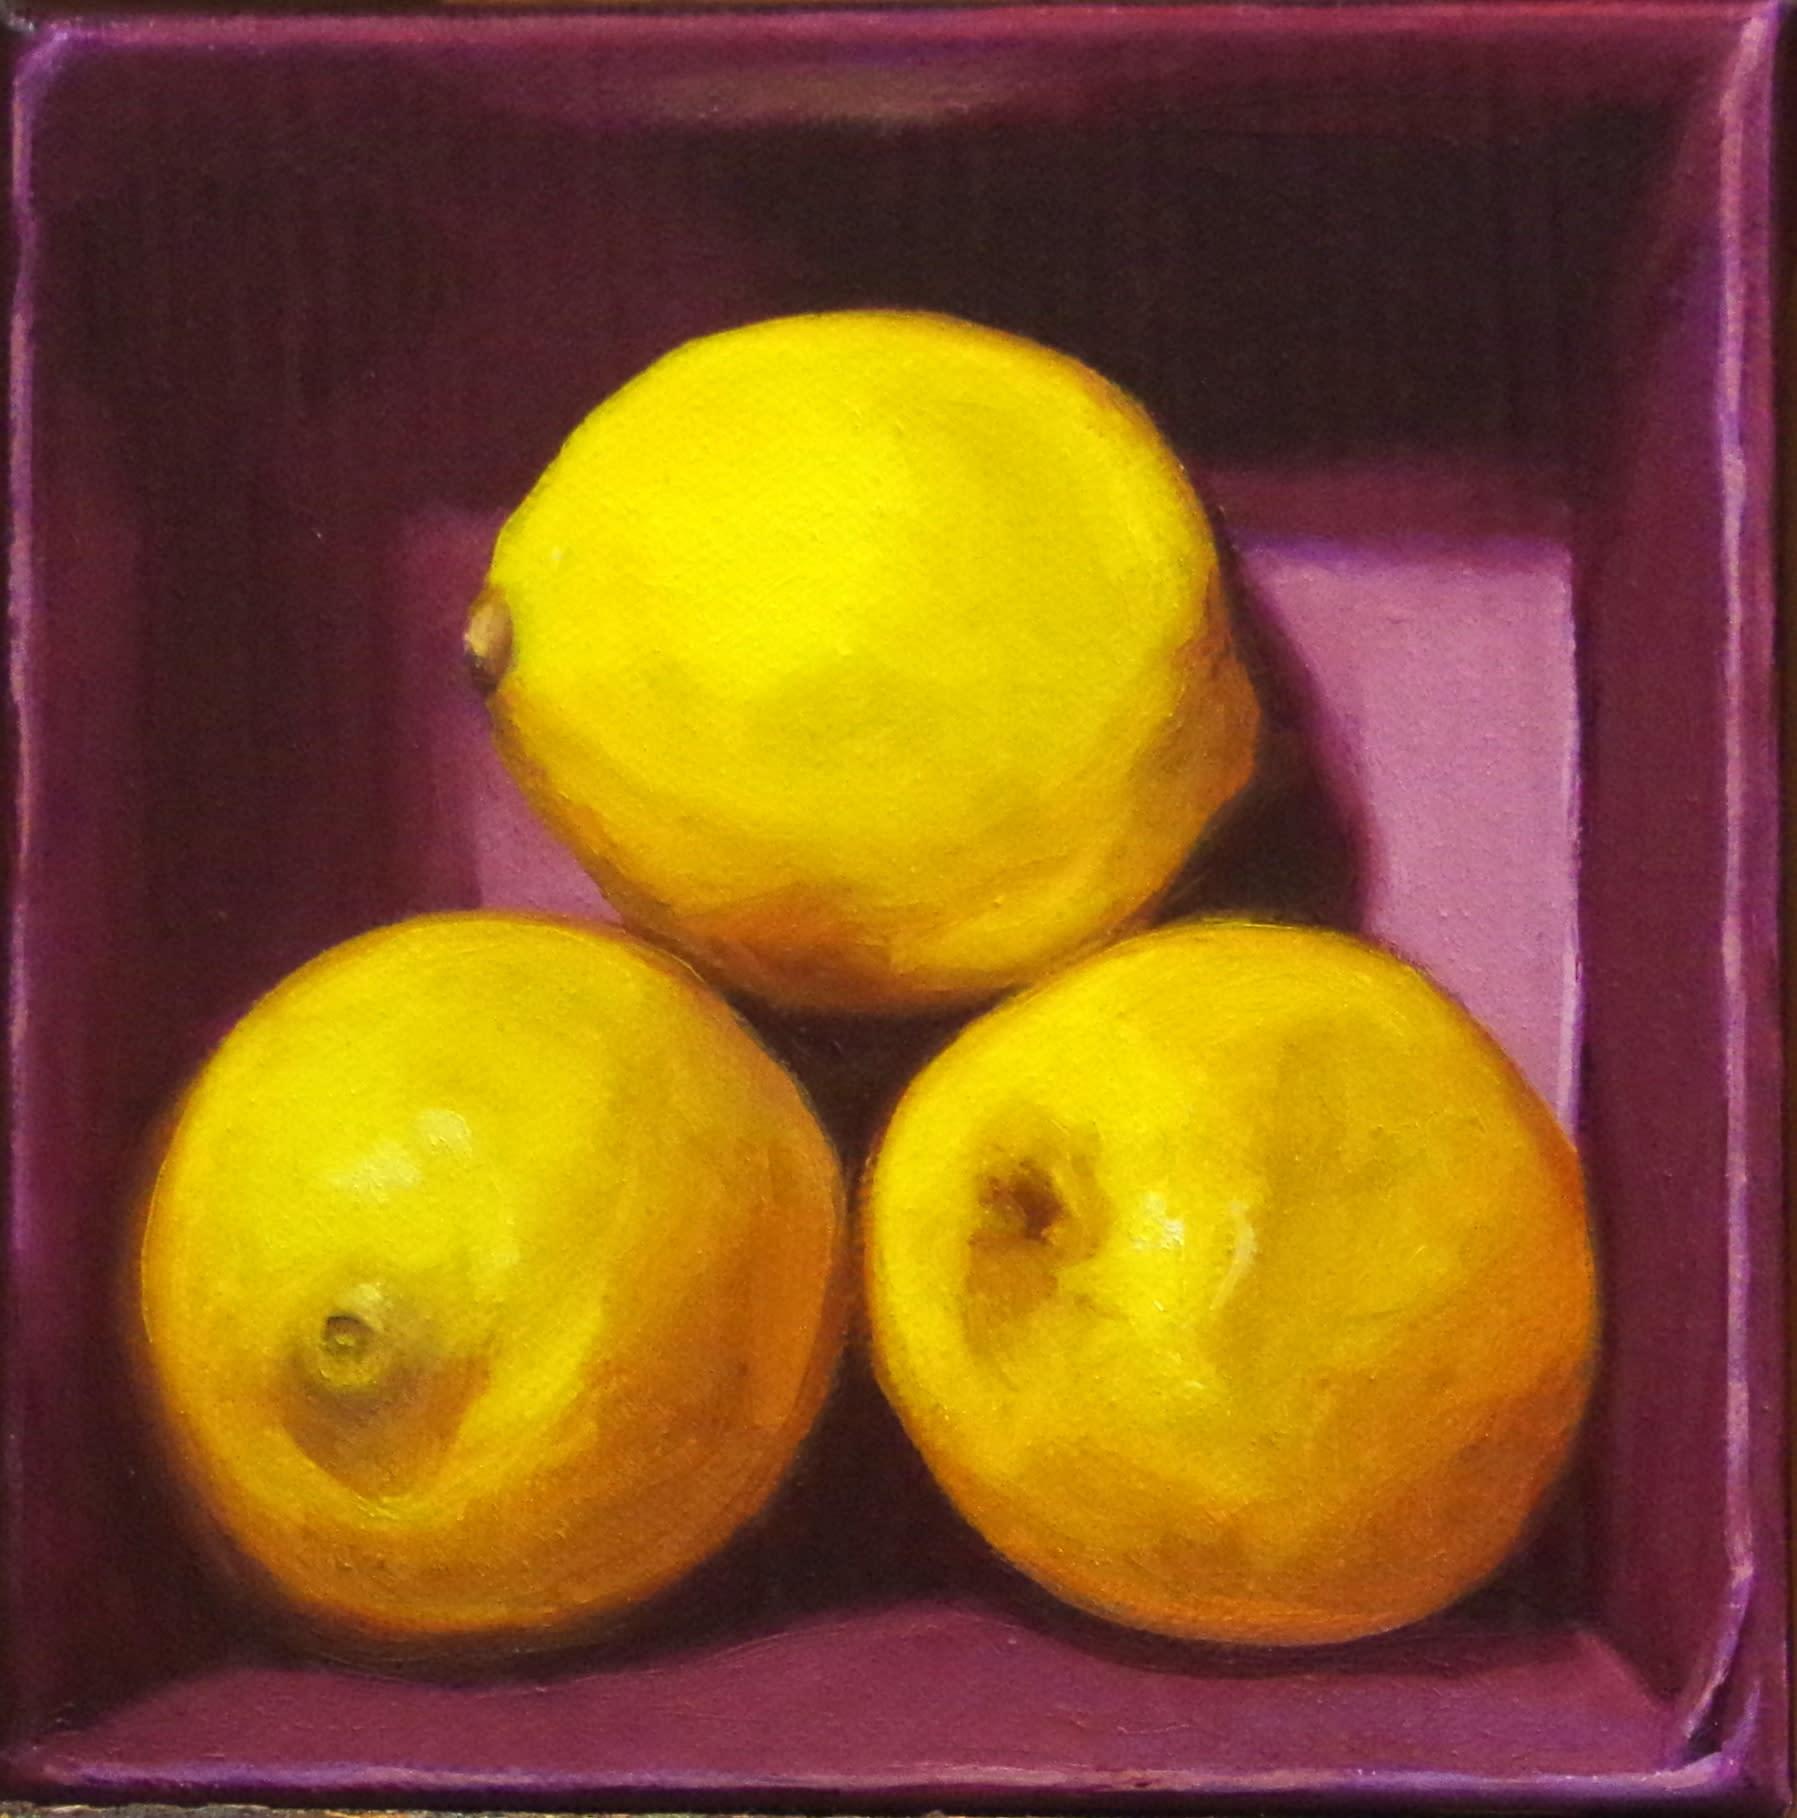 Lemons in a purple box d2nn3f